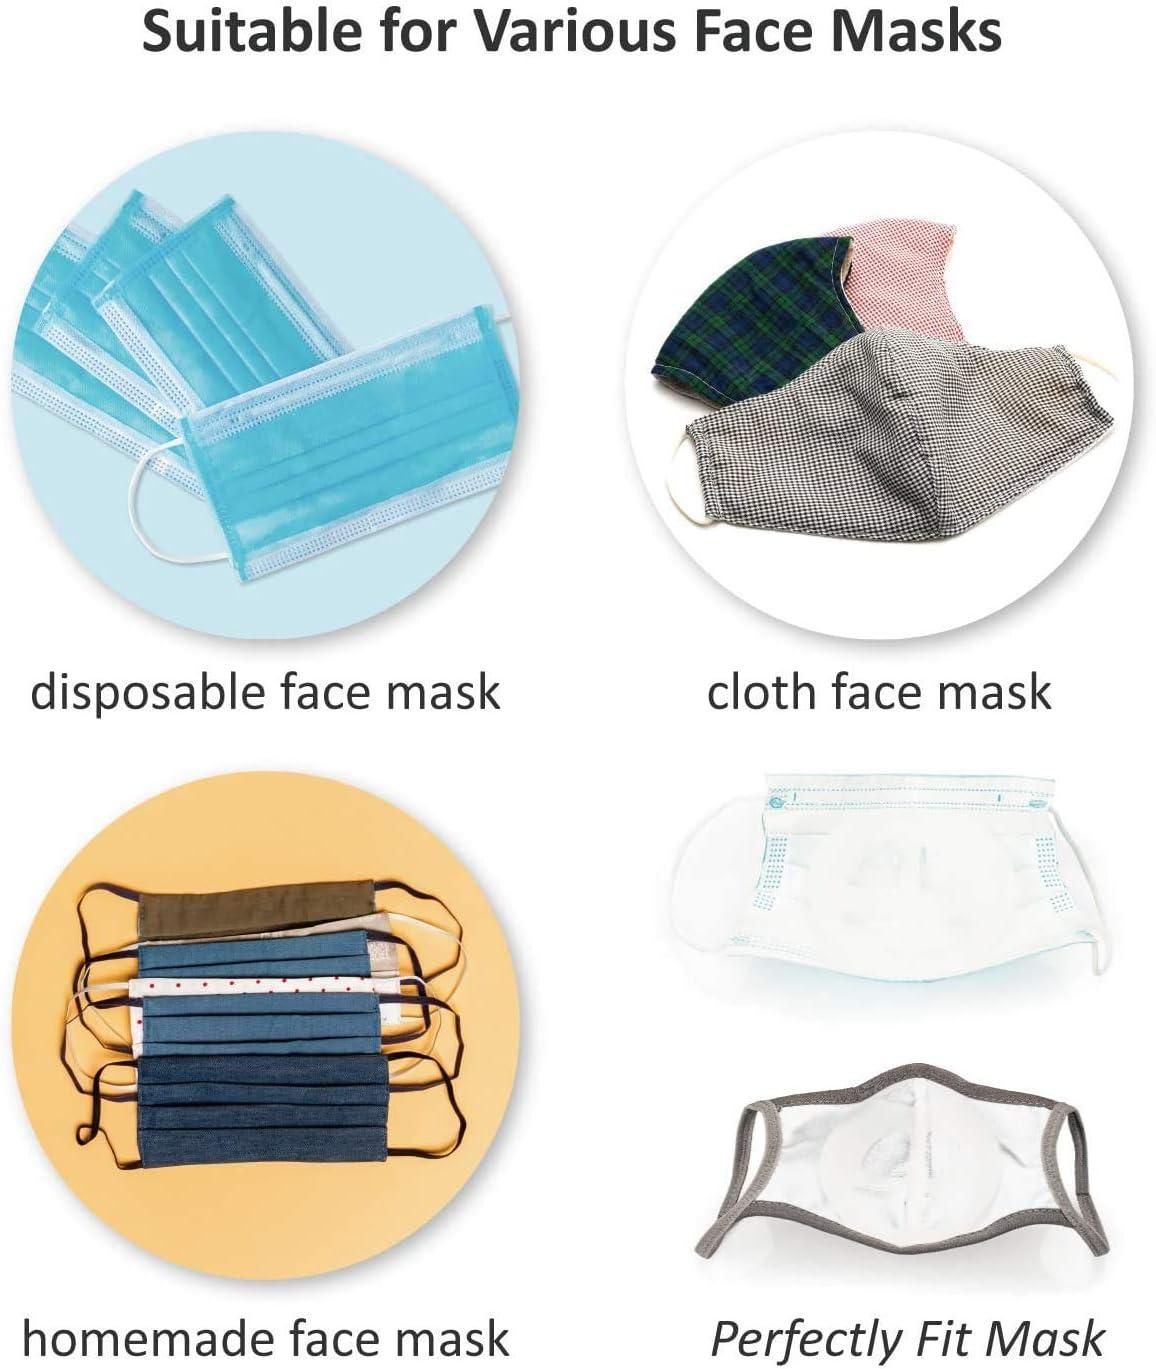 waschbar wiederverwendbar idealer Make-up-Schutz innerer St/ützrahmen f/ür bequemes Tragen in Mund und Nase transparent LDream Silikon-3D-Gesichtshalterung indem mehr Platz zum Atmen geschaffen wird 5 St/ück